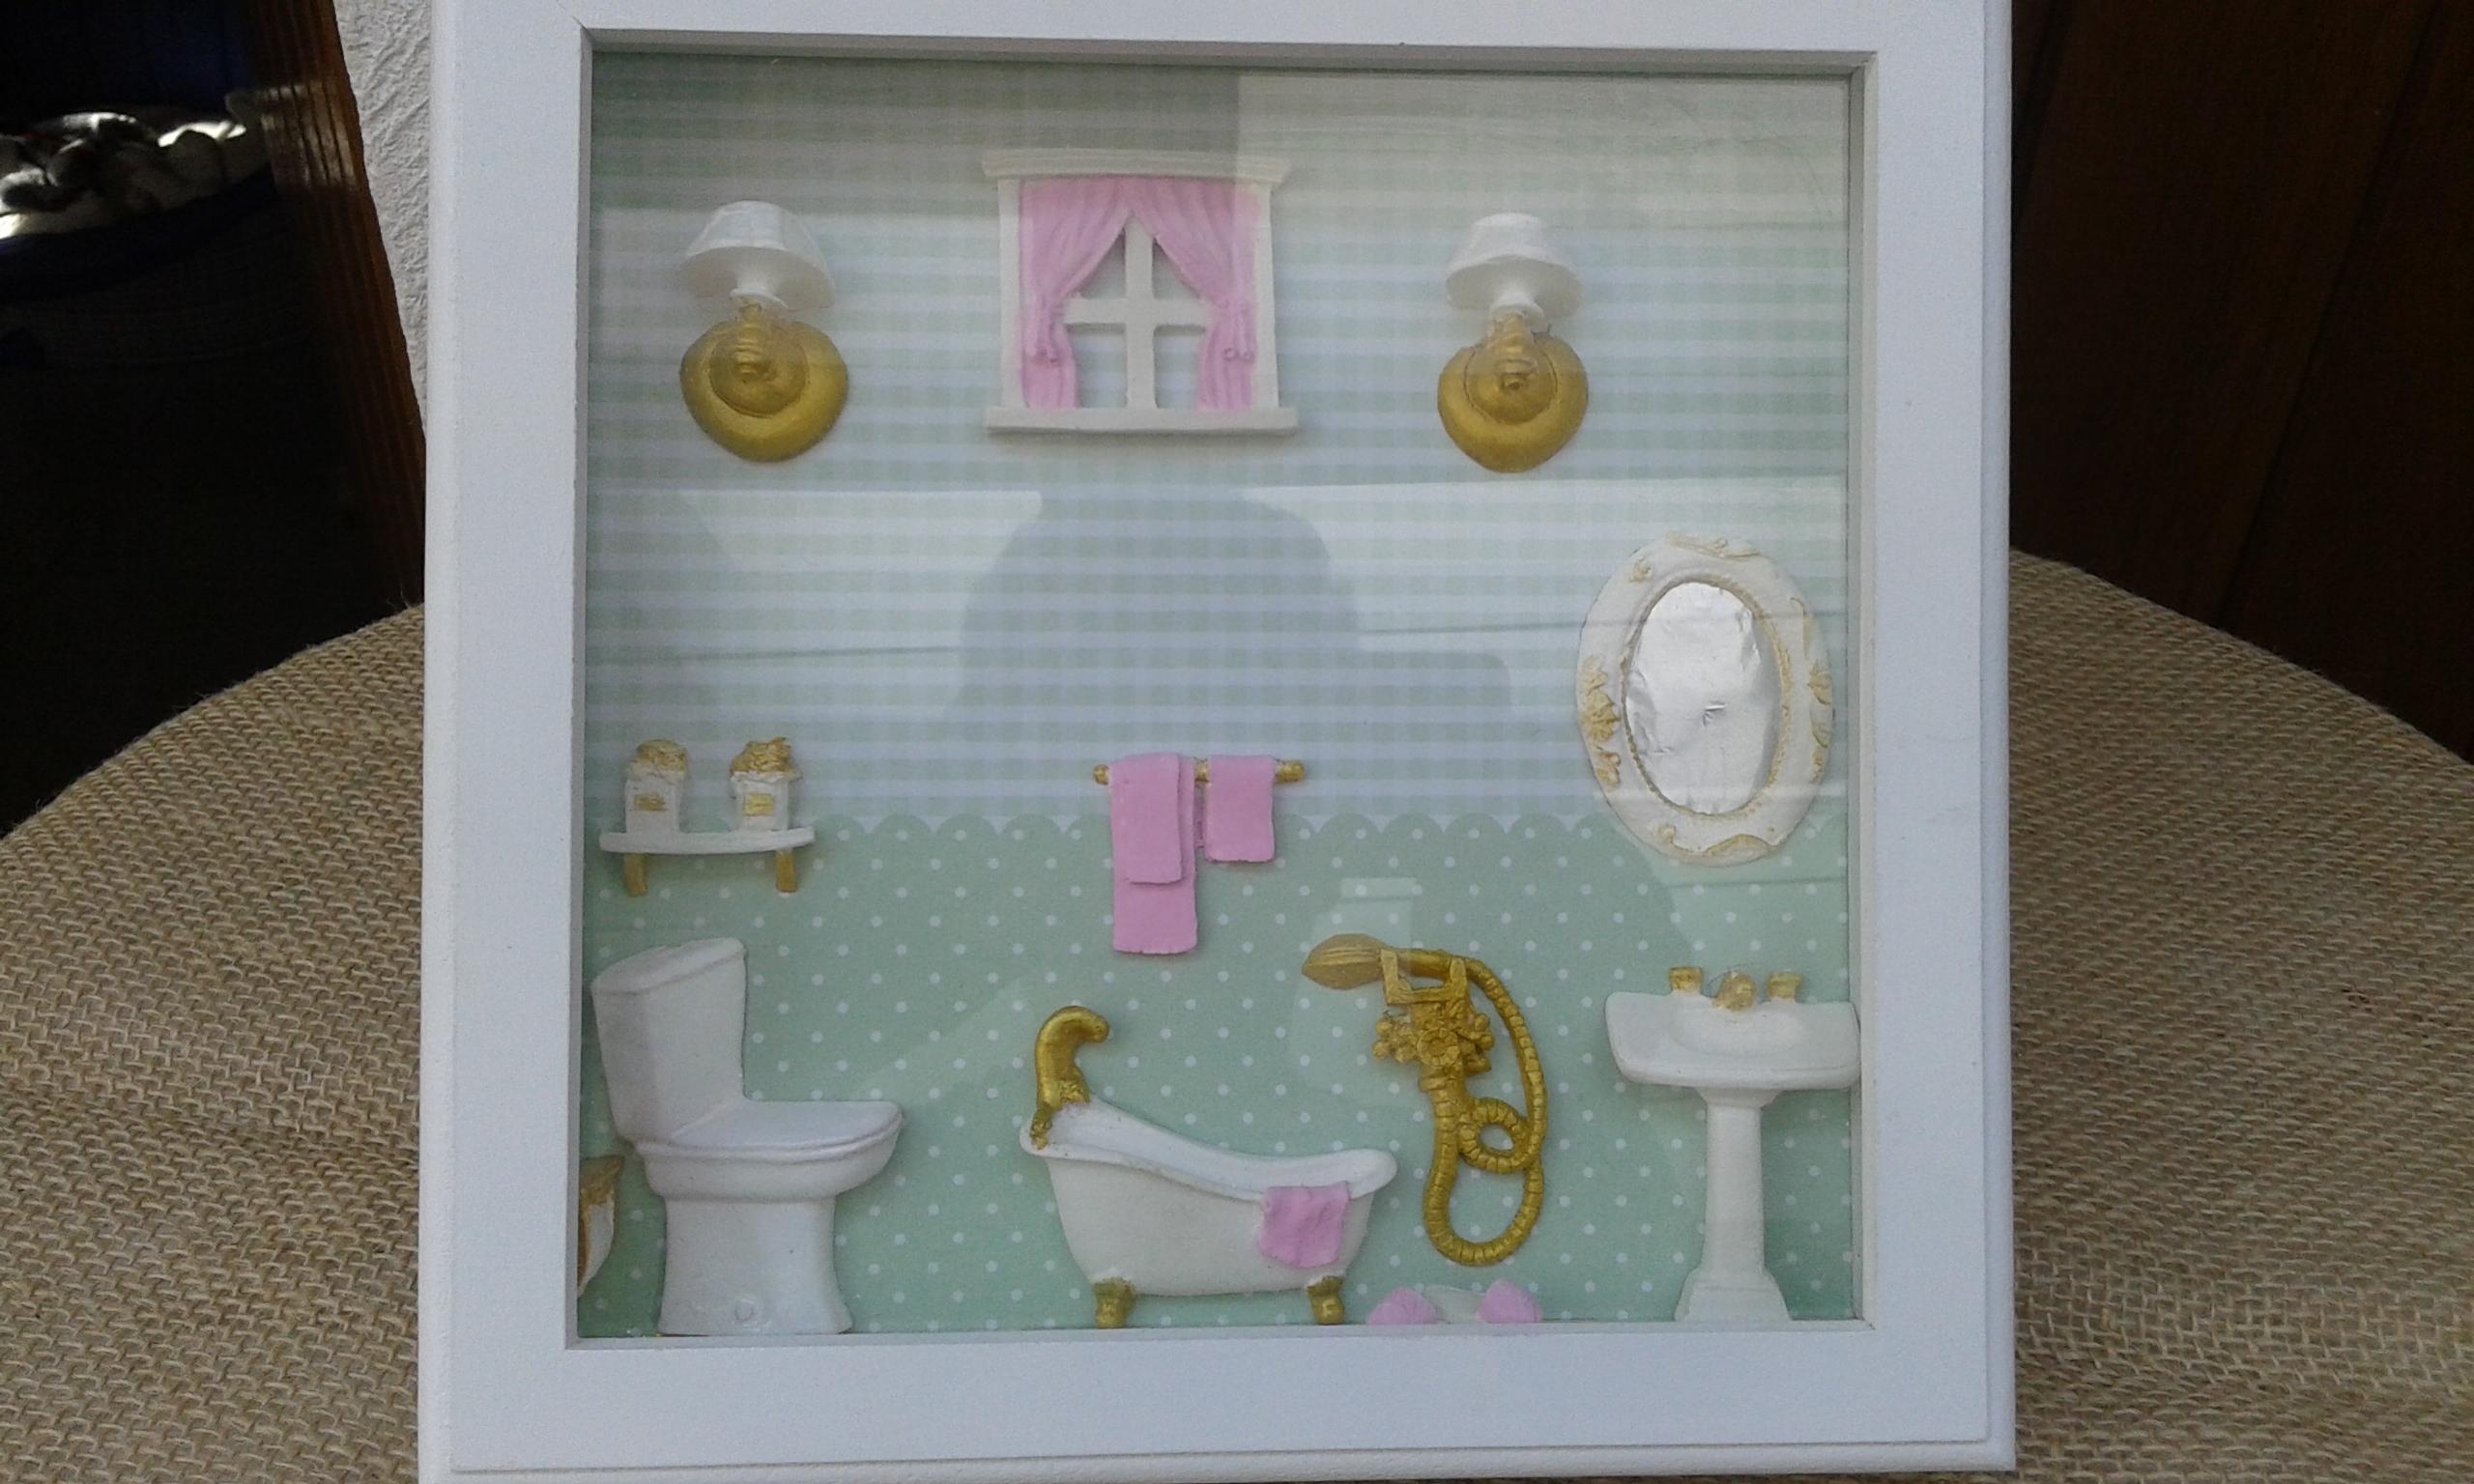 Quadro Decorativo de Banheiro  AC Artesanatos em Madeira  Elo7 -> Decoracao De Banheiro Com Quadro